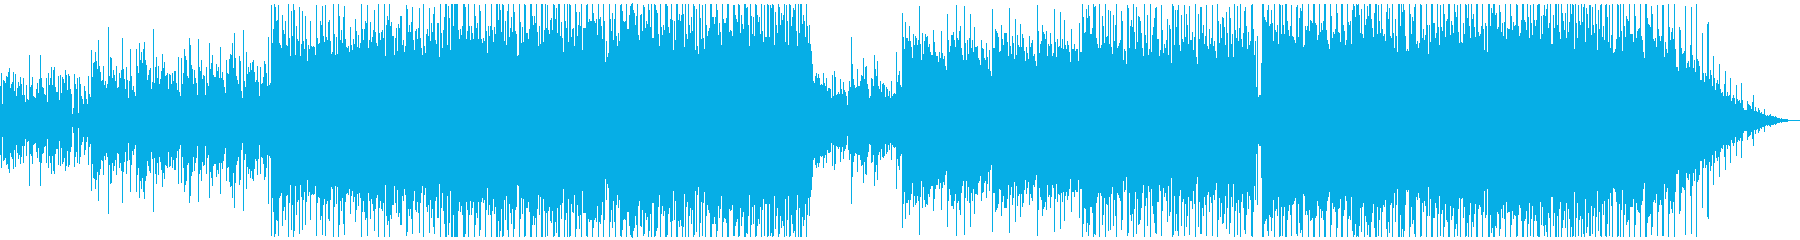 生演奏 切なく感情的なアコギの再生済みの波形